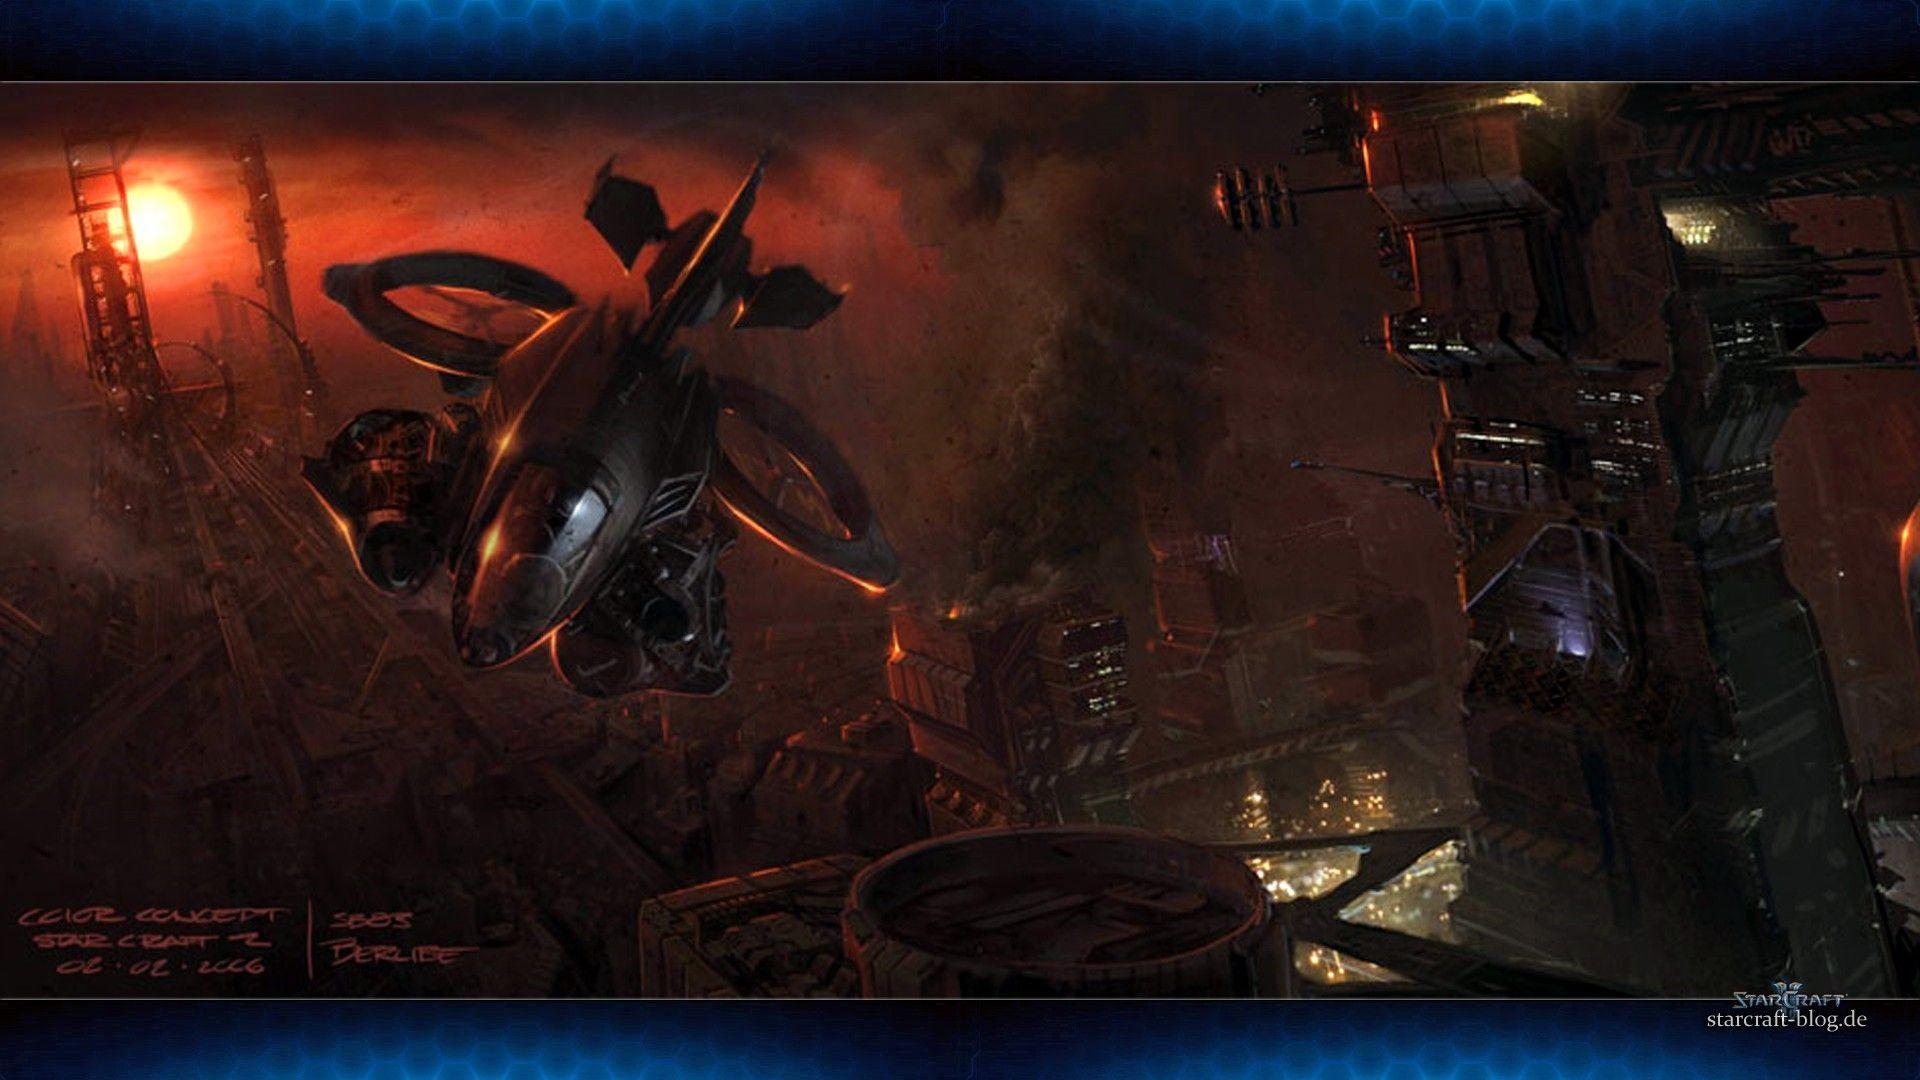 Starcraft 2 wallpaper 1920x1080 82 images - Starcraft 2 wallpaper art ...